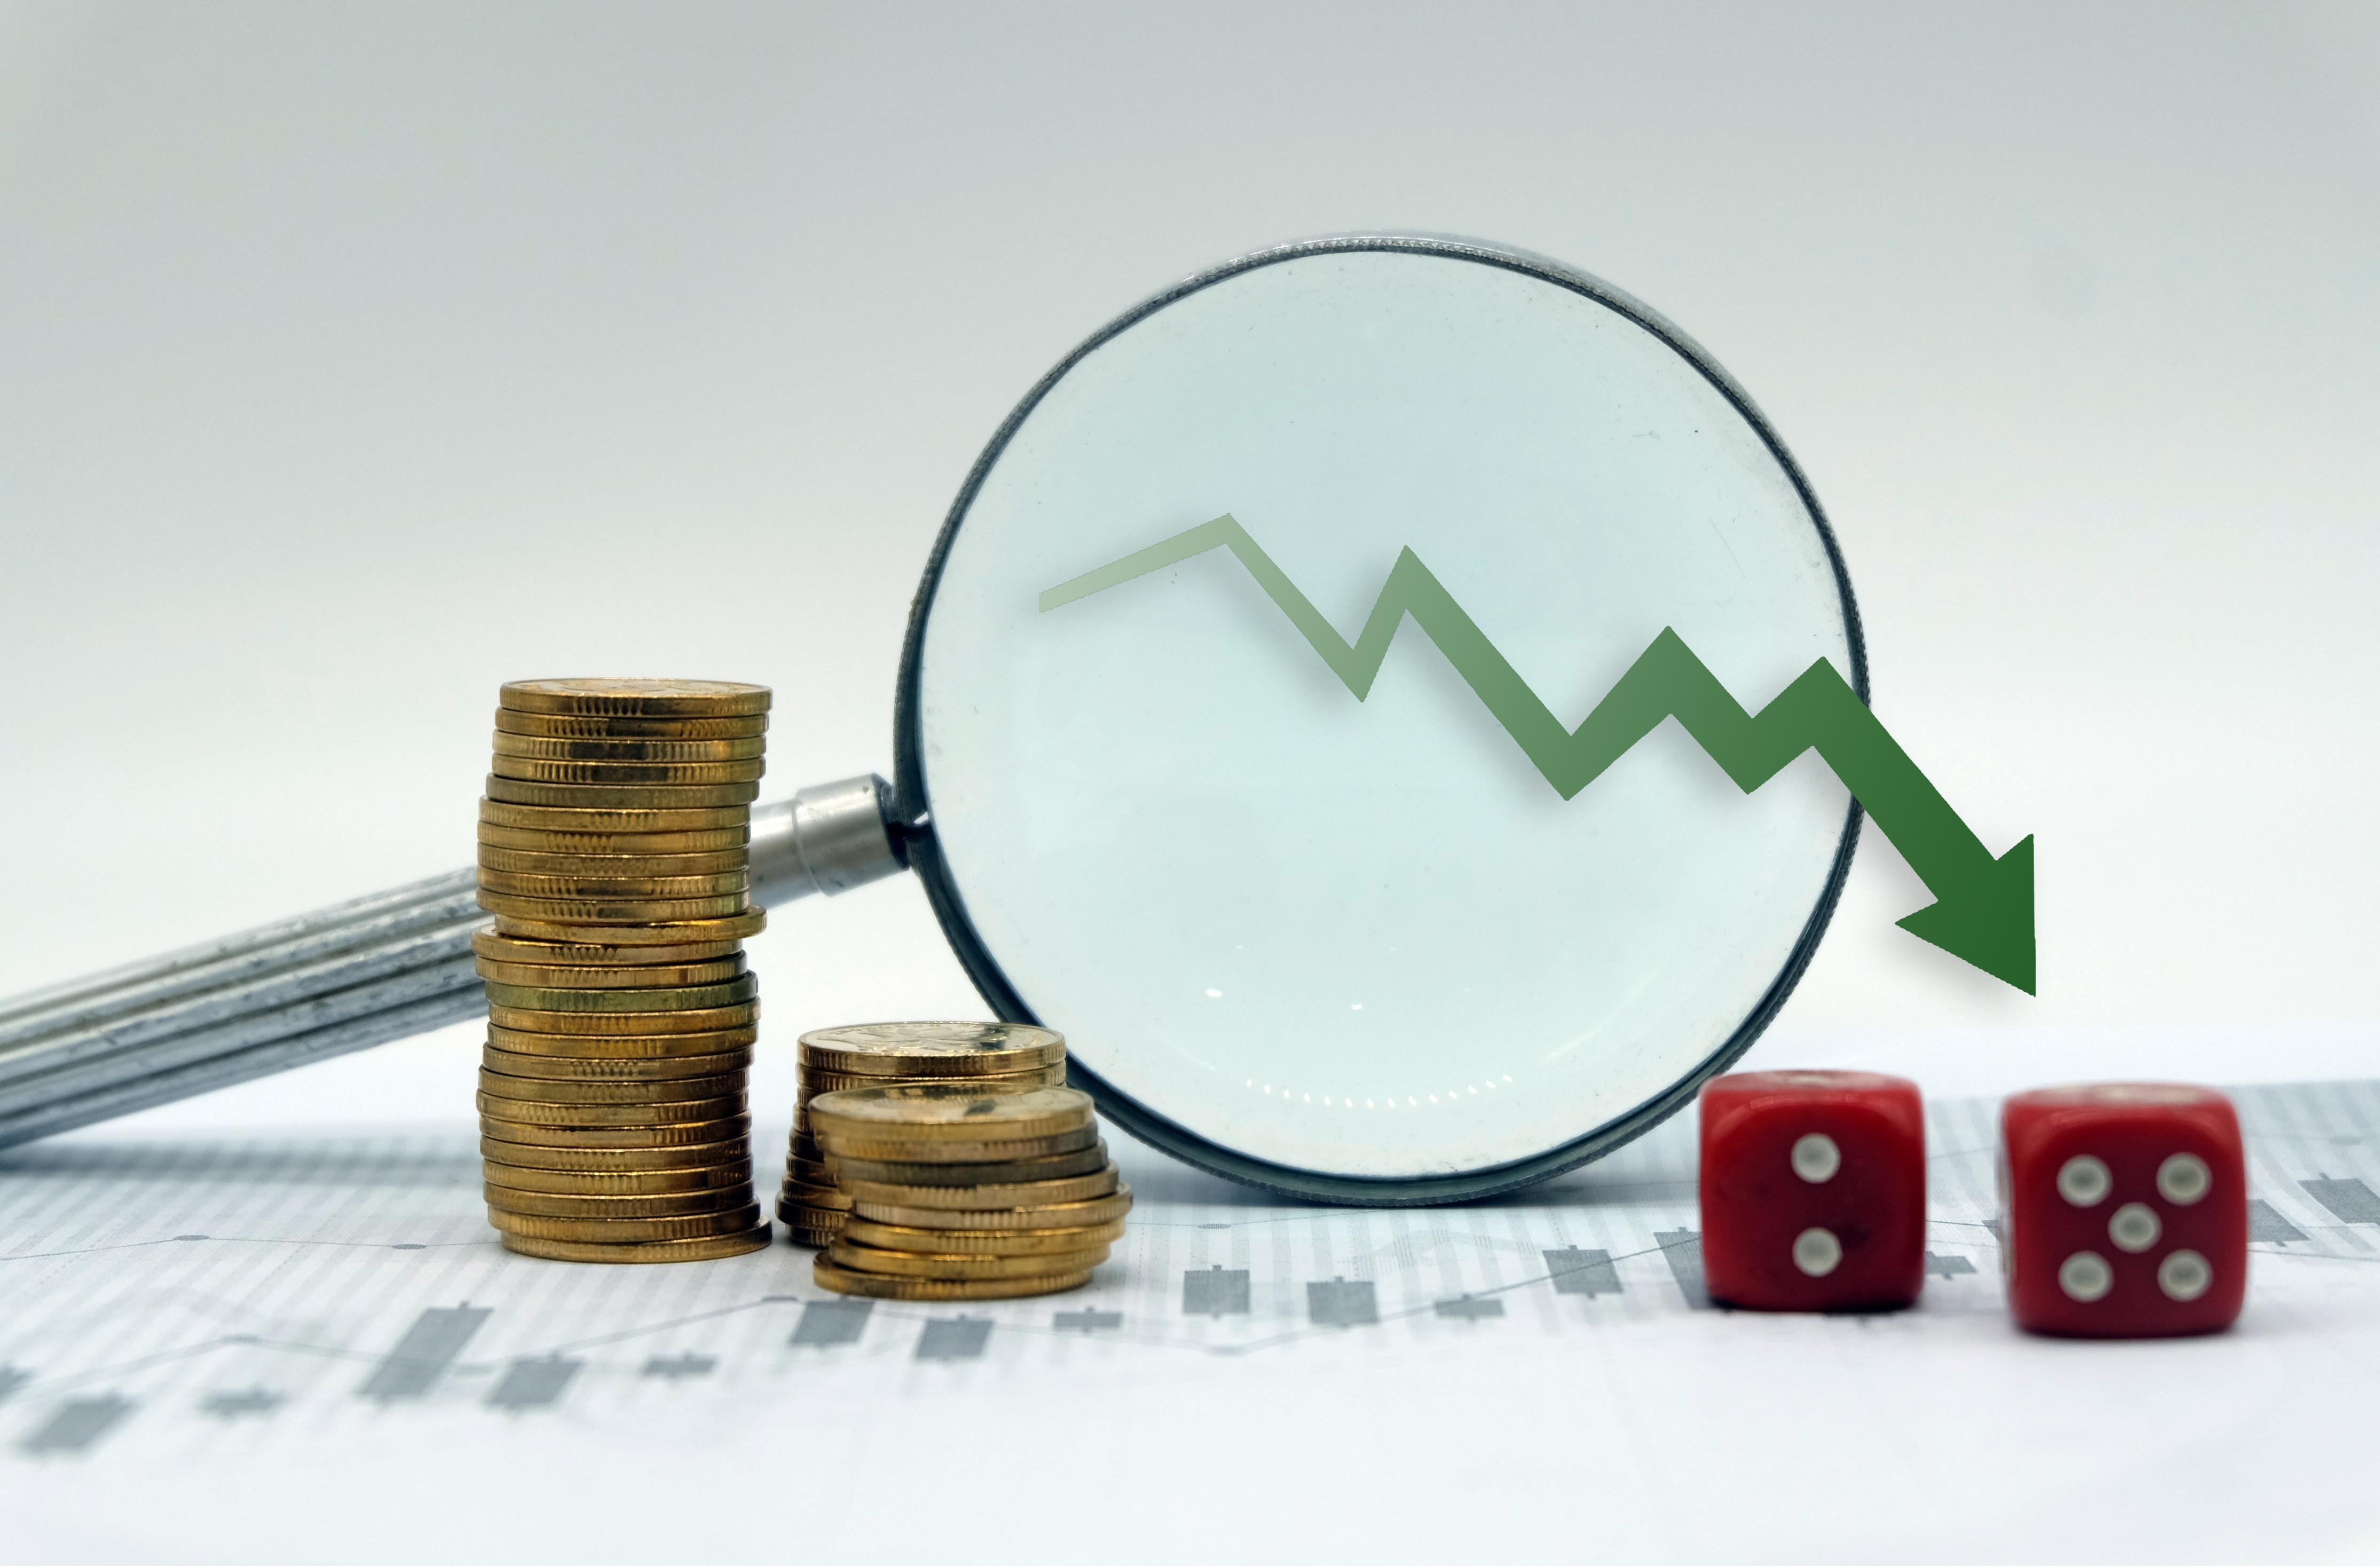 借壳大计刚迎曙光就遭水逆!中国忠旺净利下滑3成,股价大跌12%